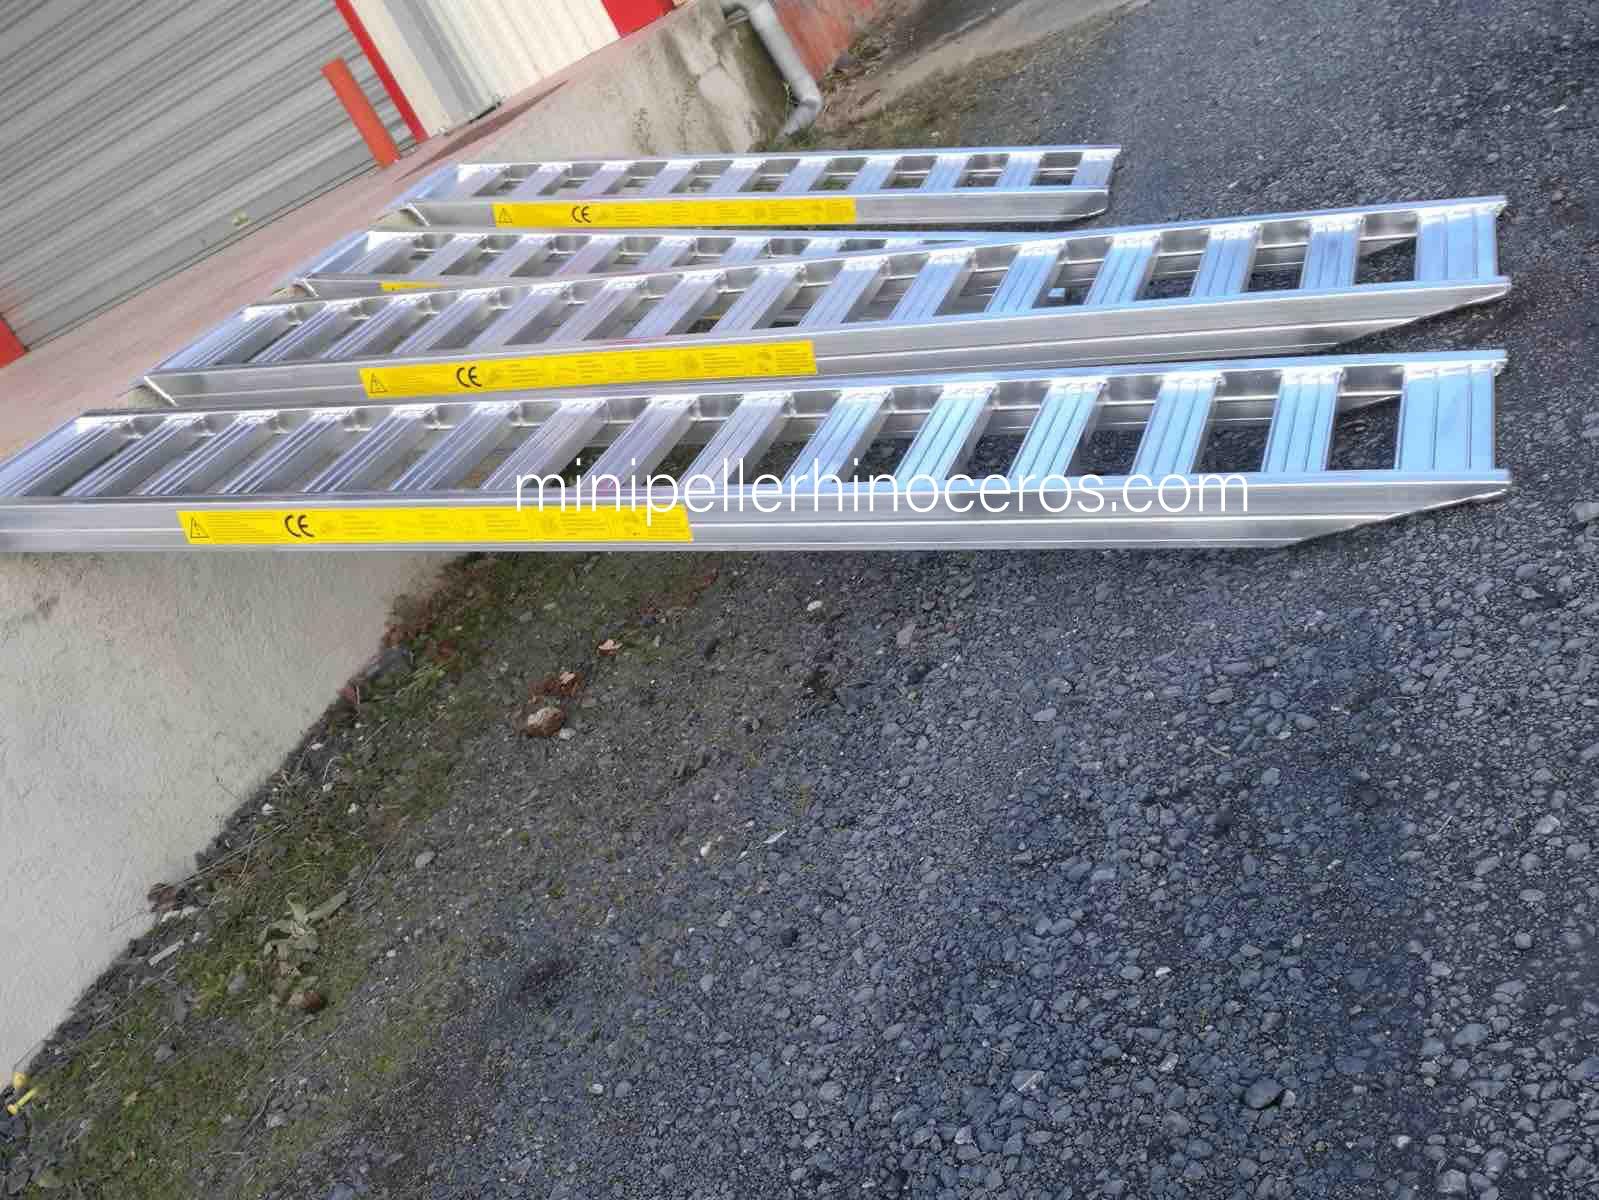 rampe in alluminio per carichi pesanti